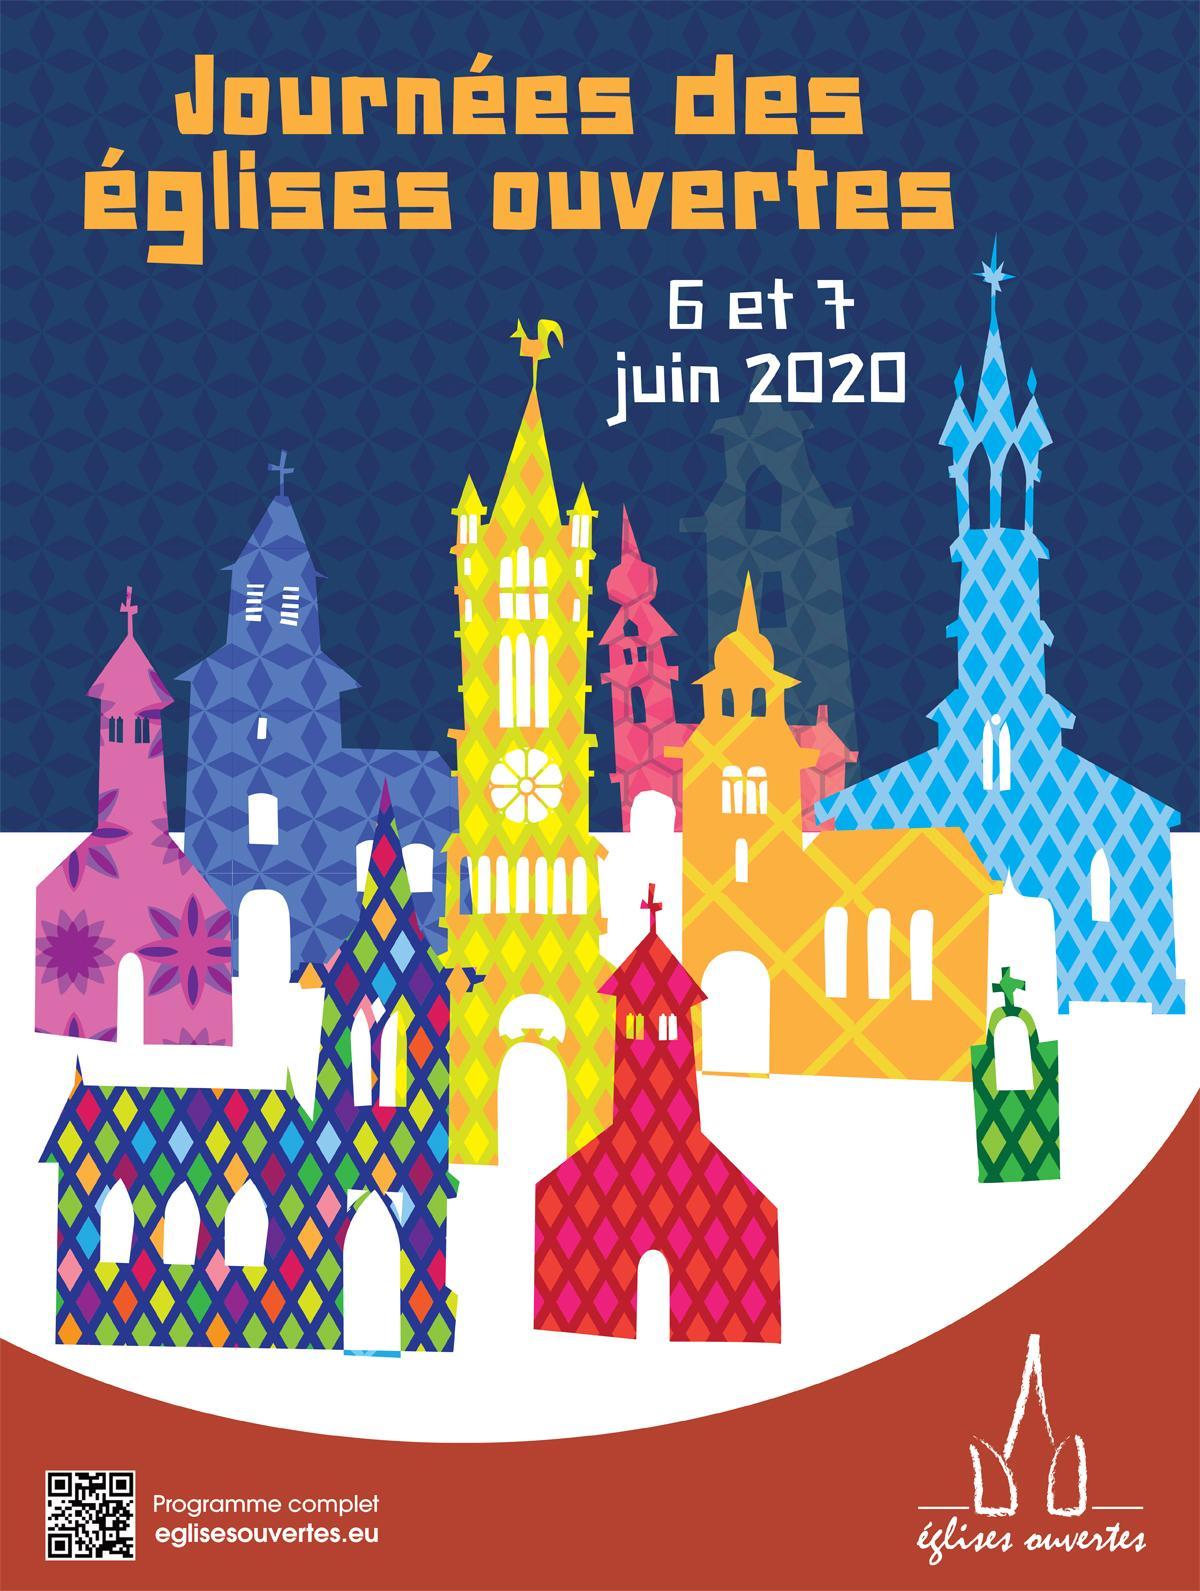 Journée des églises ouvertes 2020